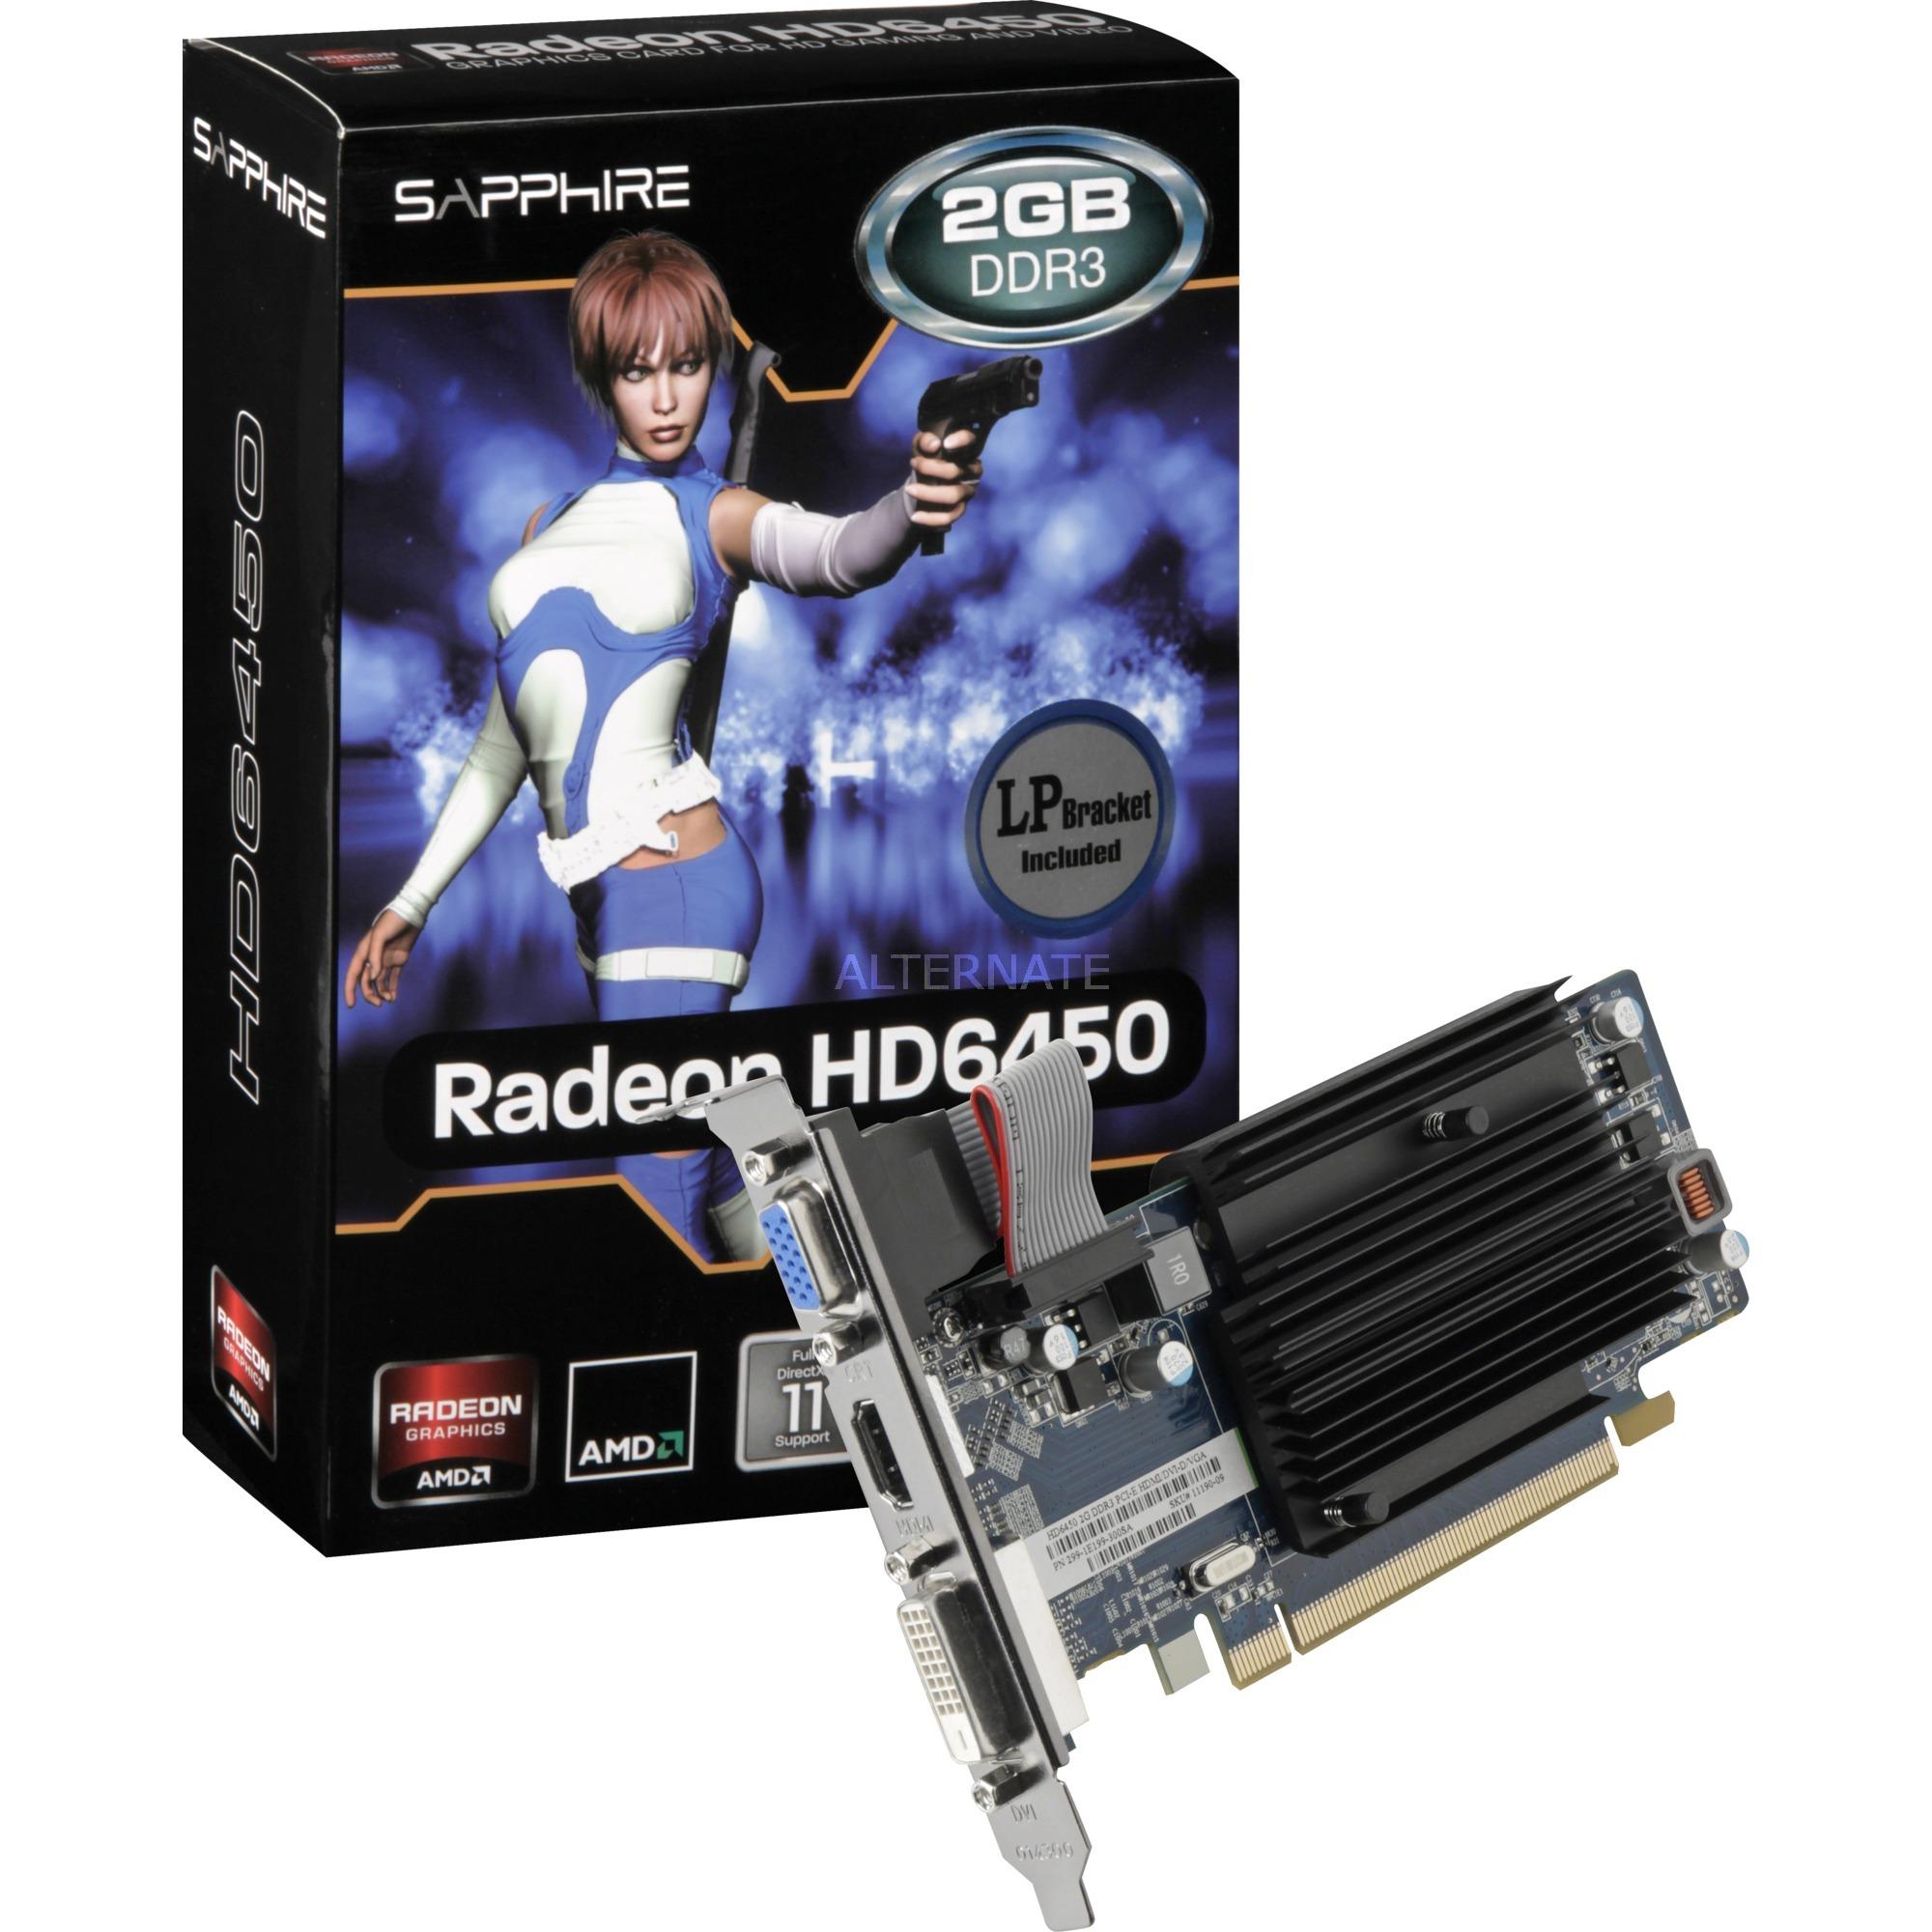 11190-09-20G tarjeta gráfica Radeon HD6450 2 GB GDDR3